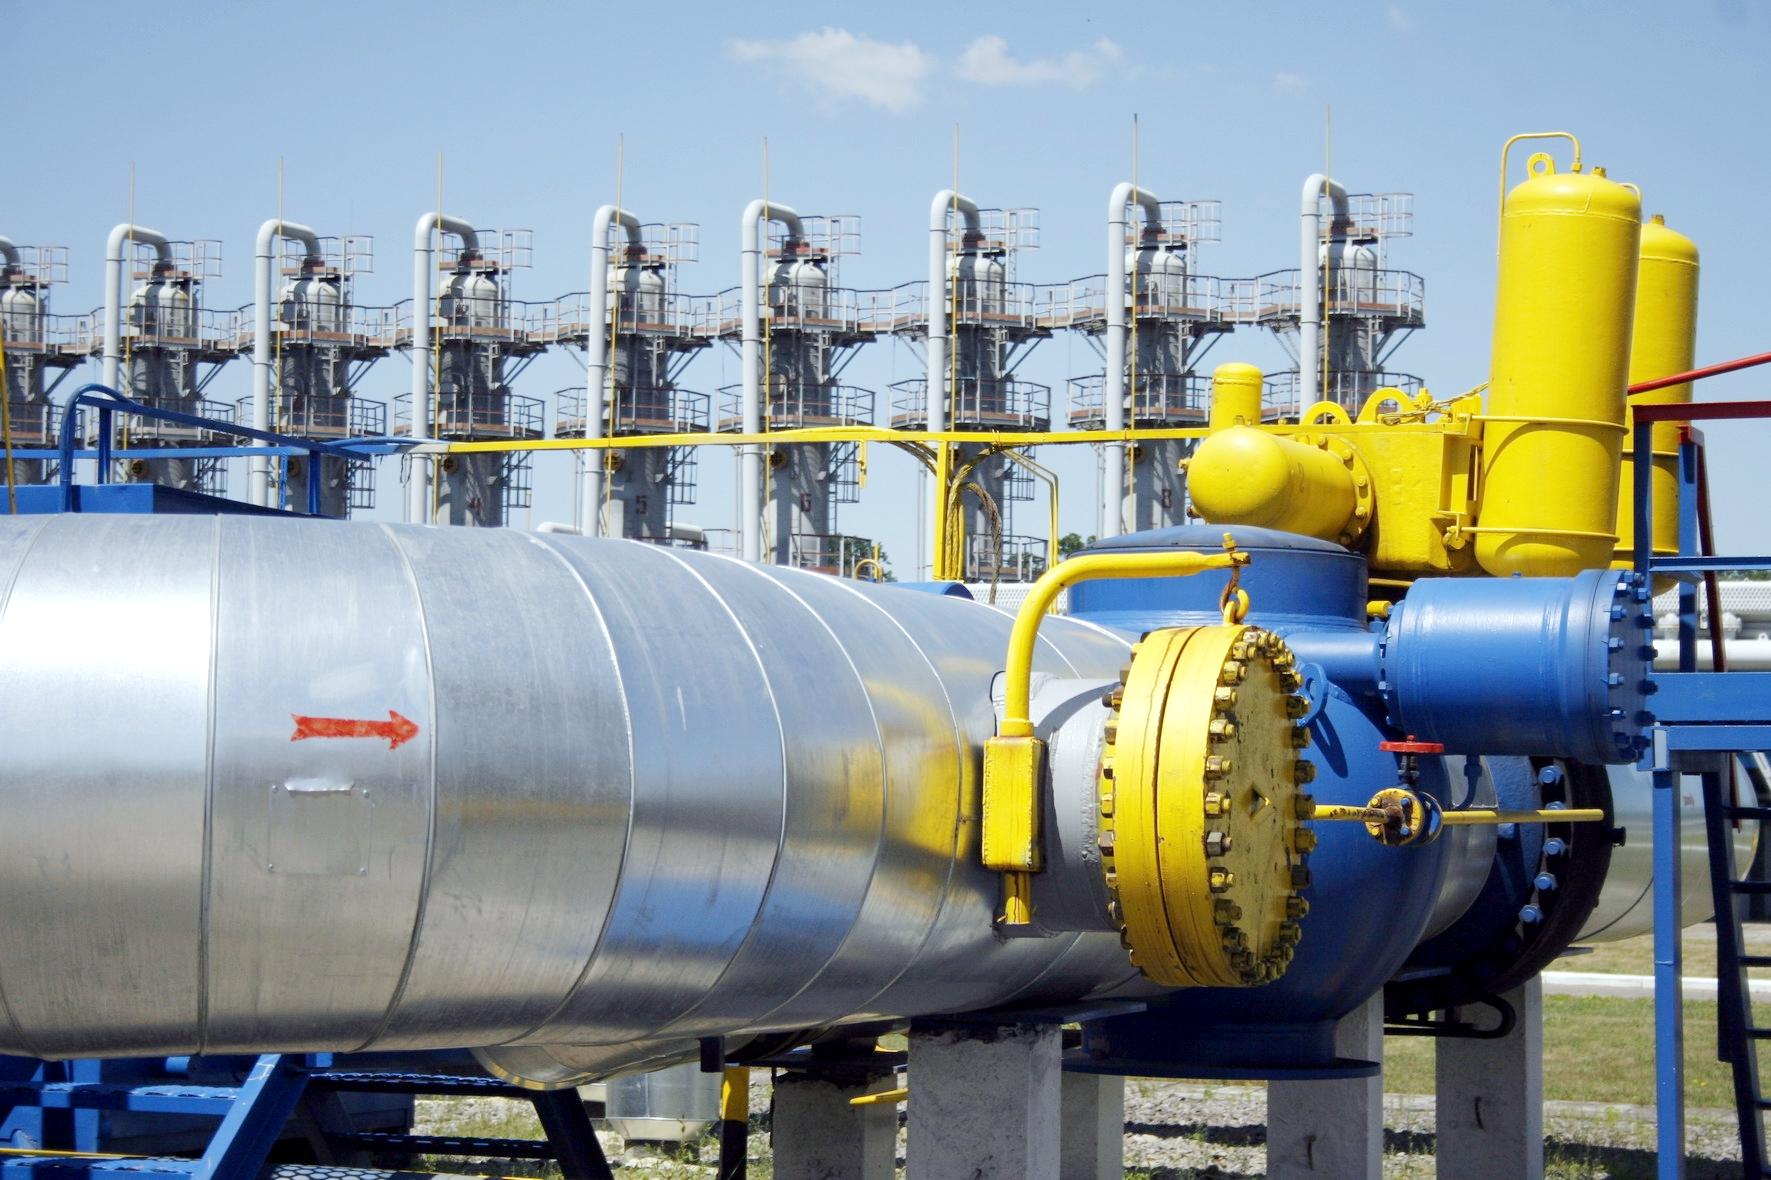 Група ICU інвестує 7-10 млн. євро в завод з переробки відходів в Житомирі